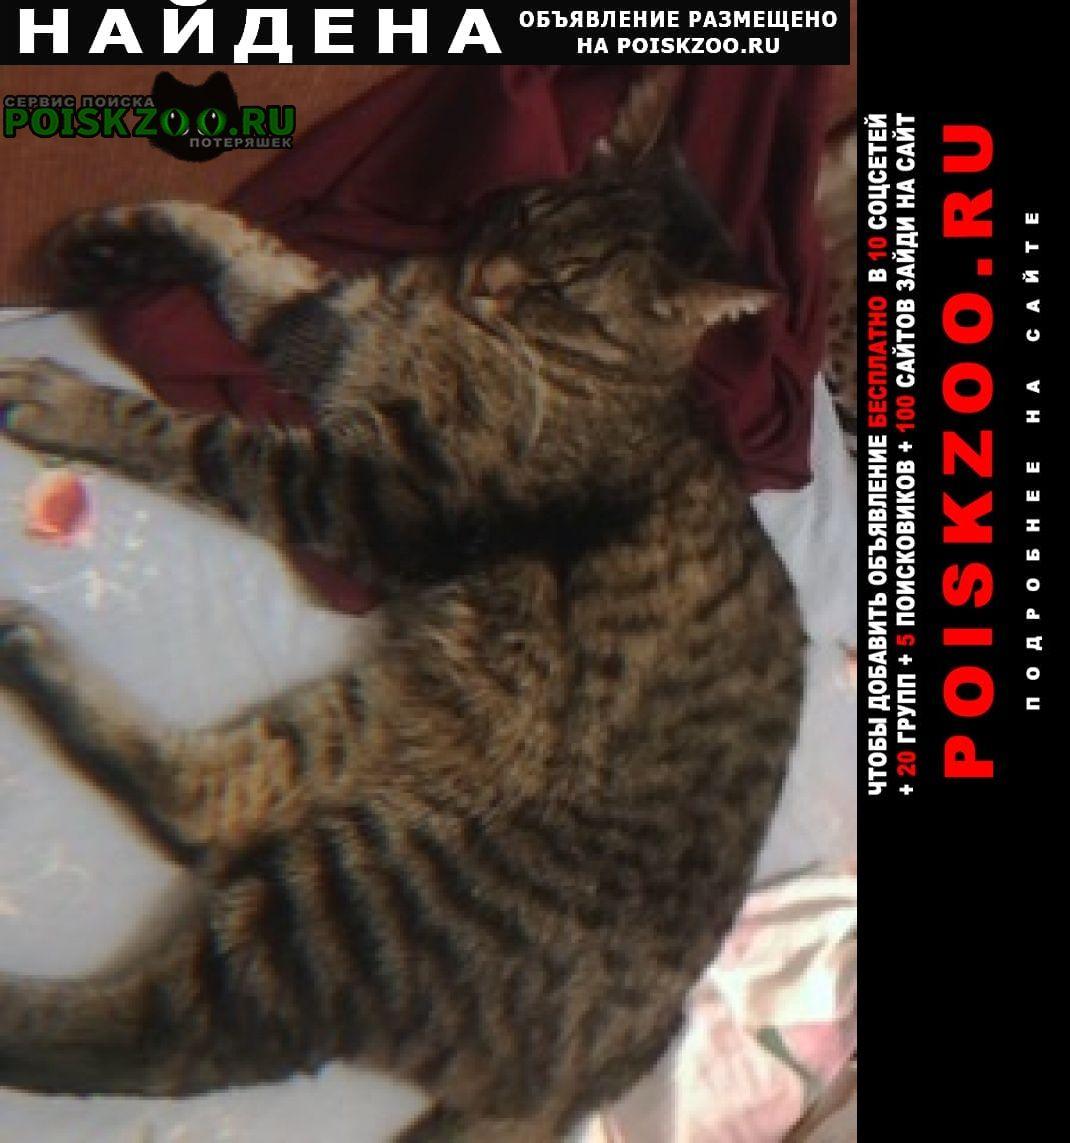 Найден кот в марьино Москва